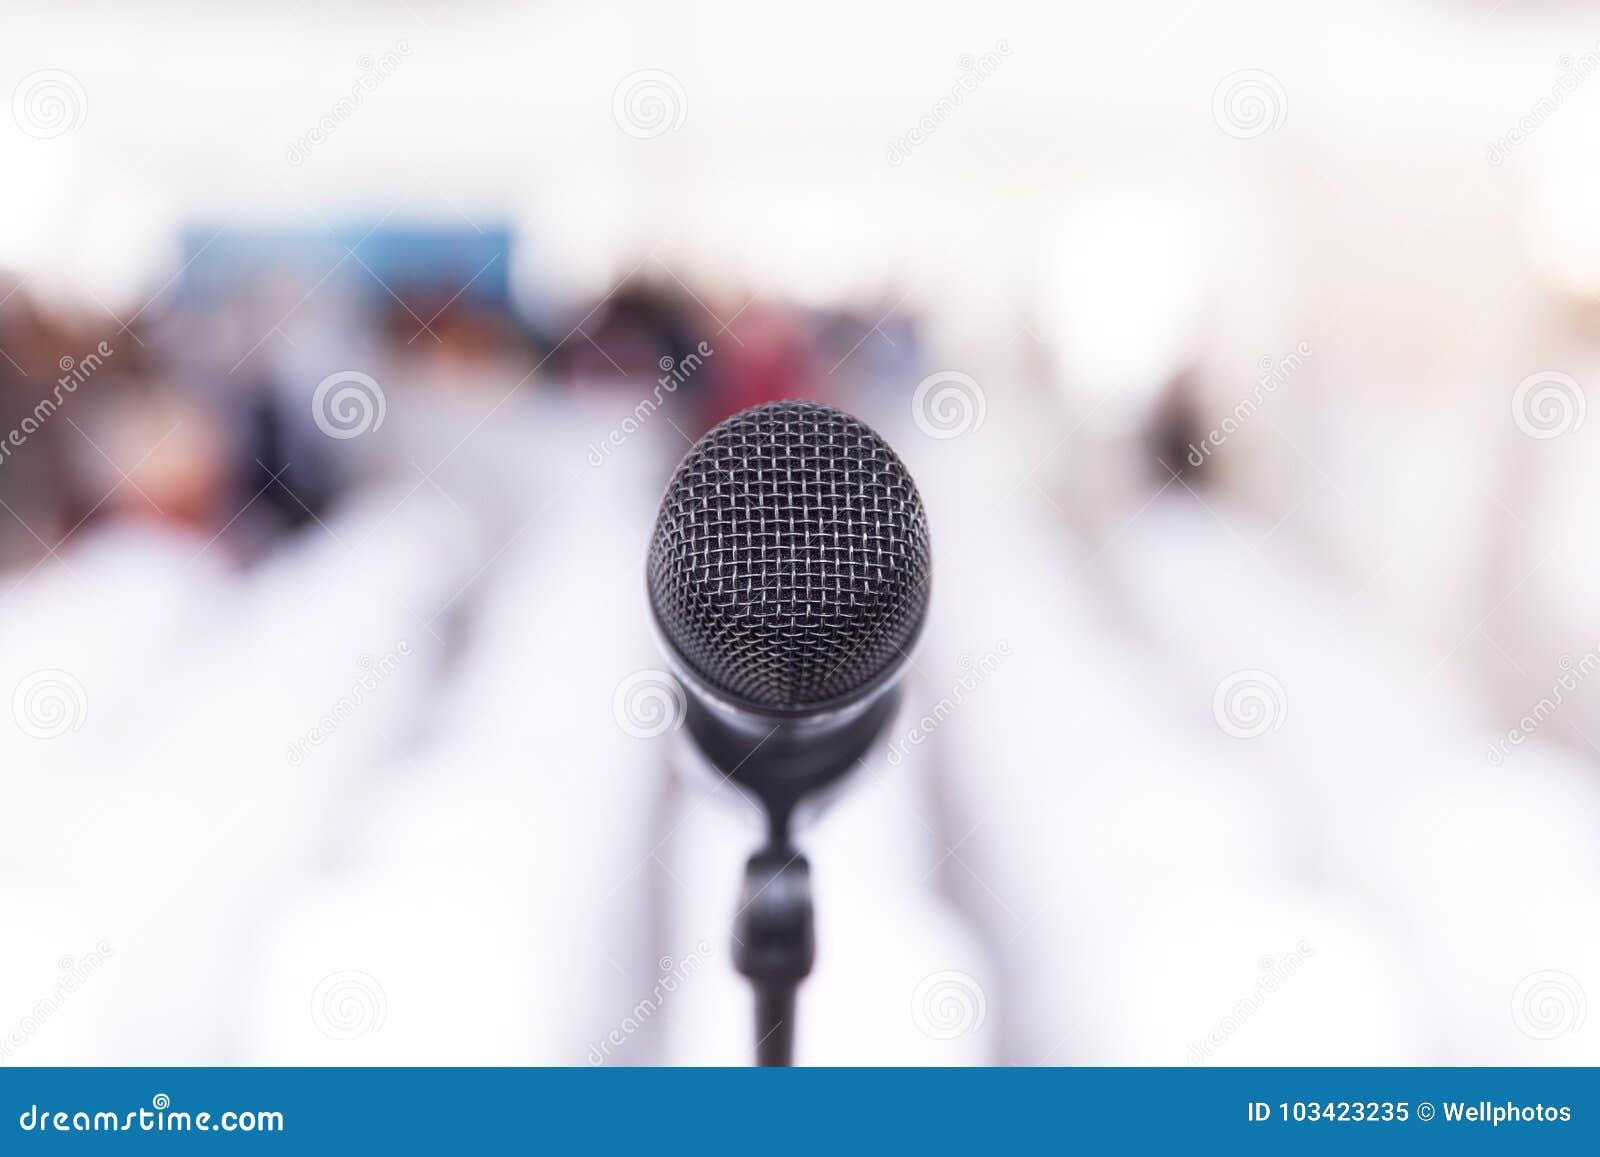 Microfono a fuoco, sala per conferenze senza sala nei precedenti